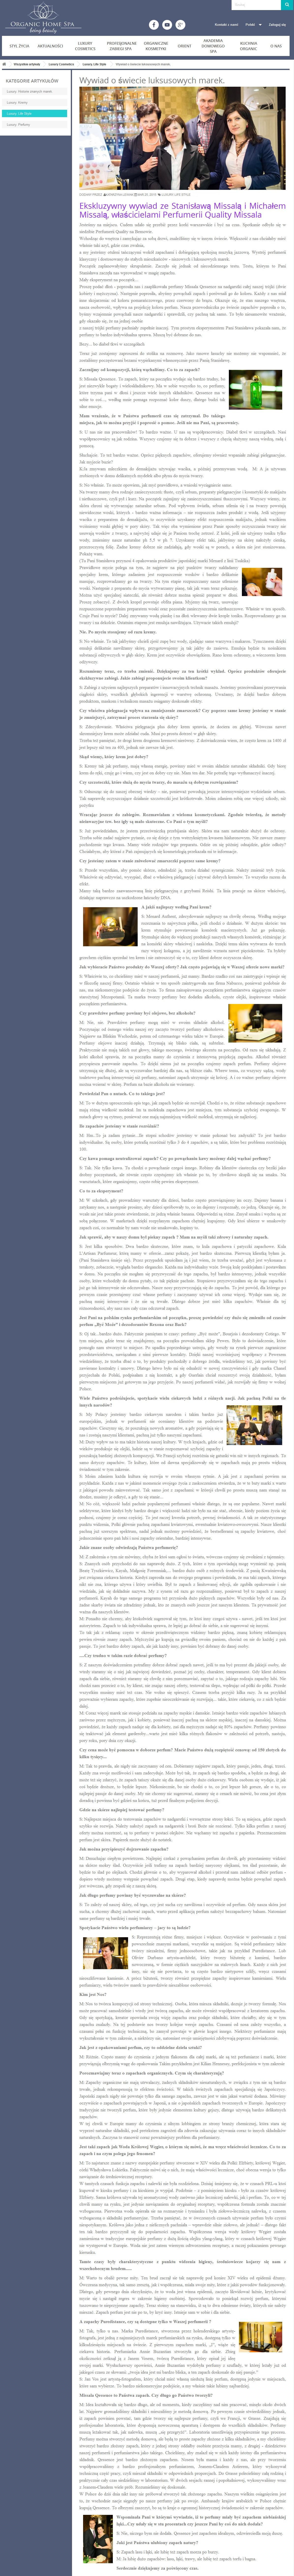 2015.03.25_OrganicHomeSPA.com Wywiad ze Stanisławą Missalą i Michałem Missalą